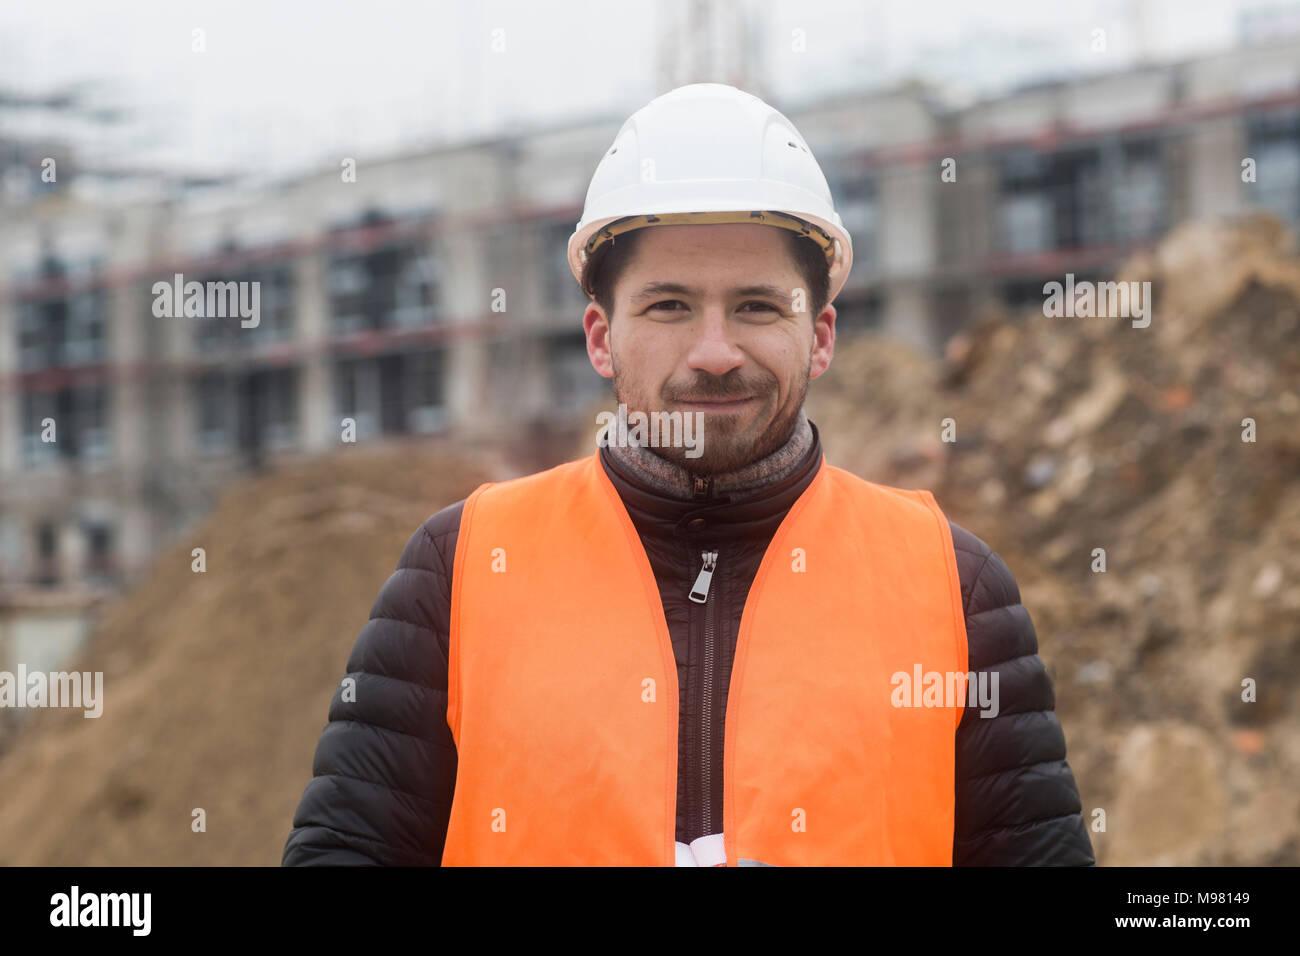 Retrato de contenido hombre vestido con chaleco de seguridad y el casco en el sitio de construcción Imagen De Stock